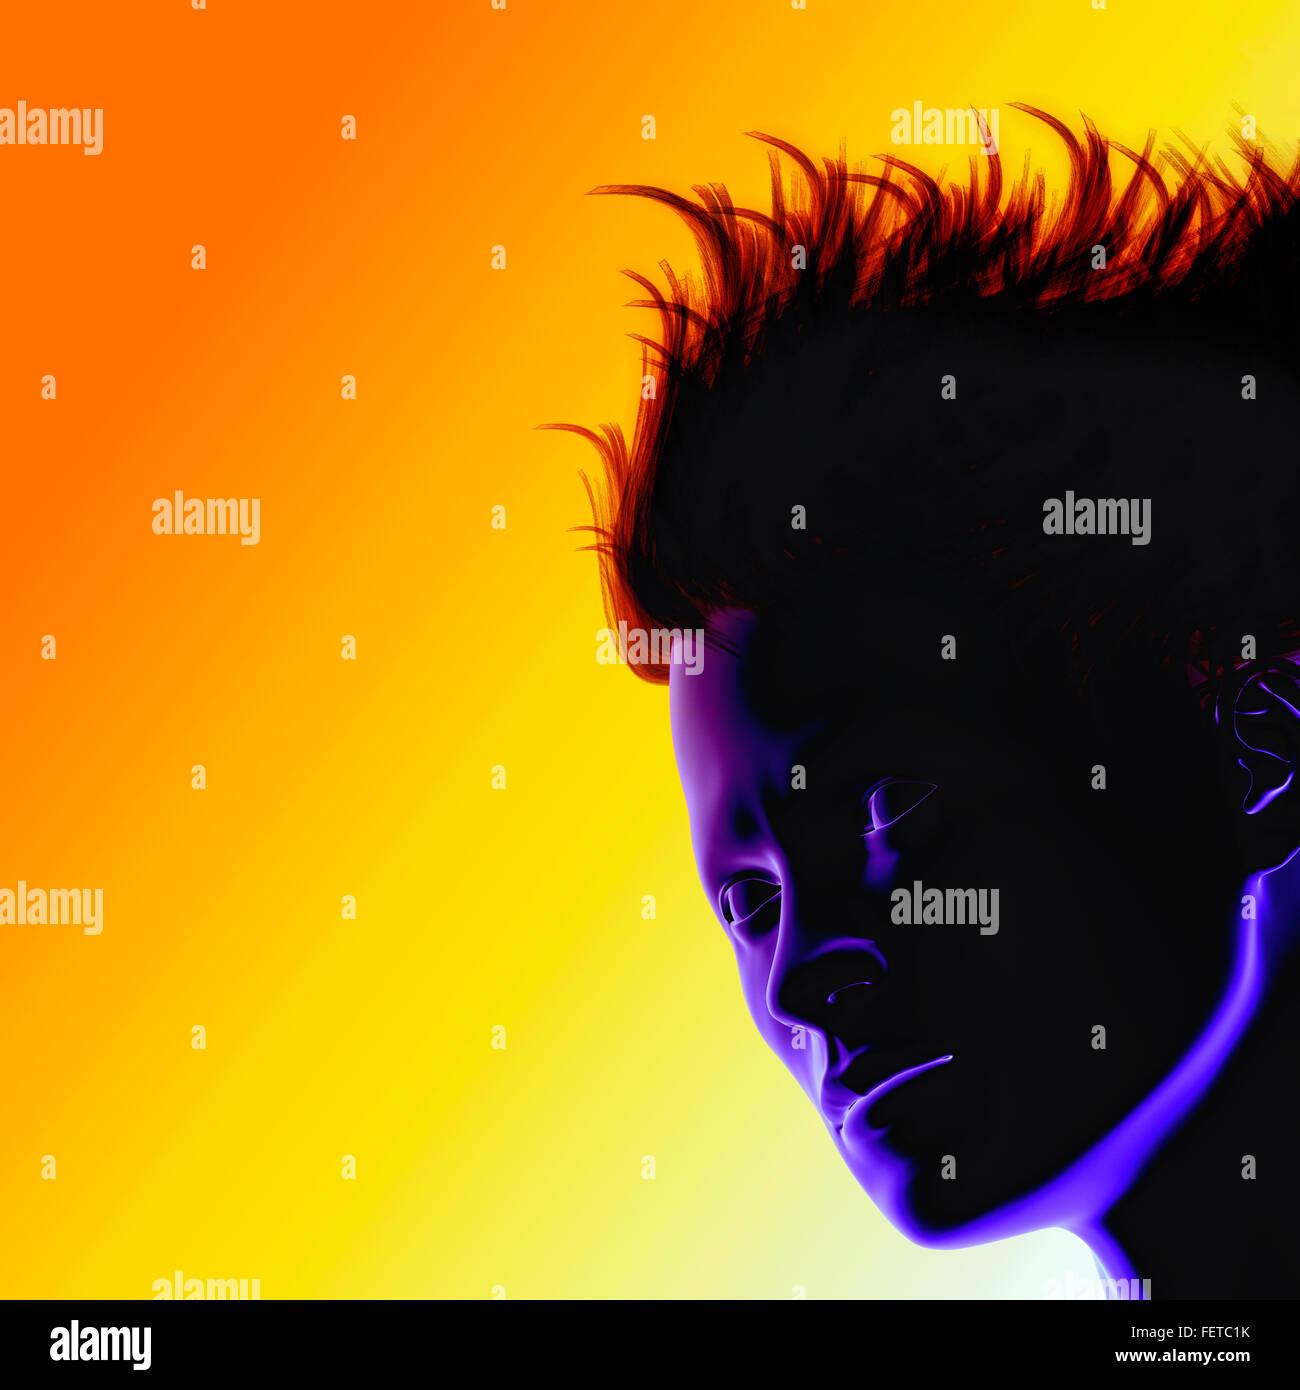 Menschenkopf, bunt, retro, 80er, Pop art Stockbild